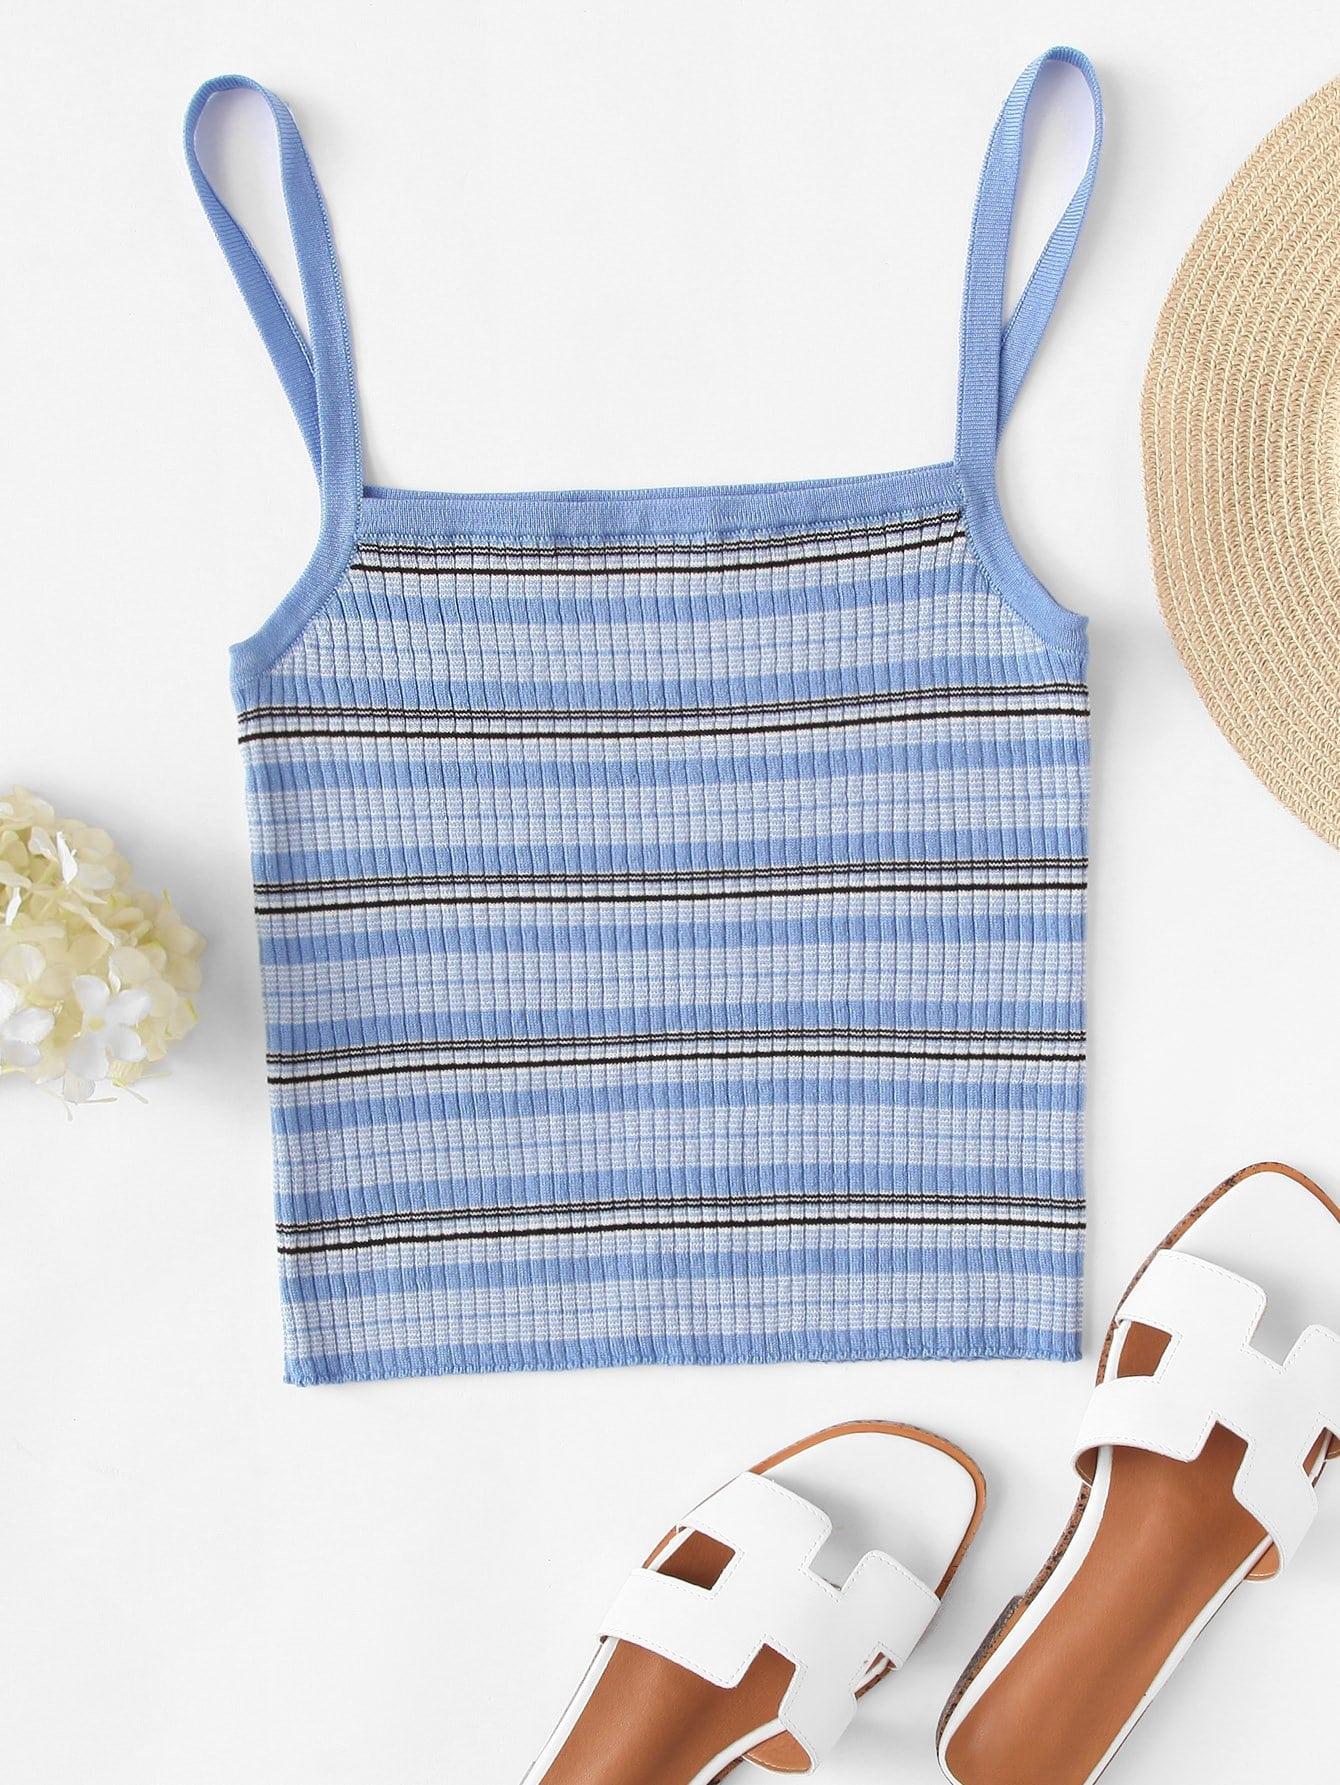 Rib Knit Striped Cami Top striped rib knit top